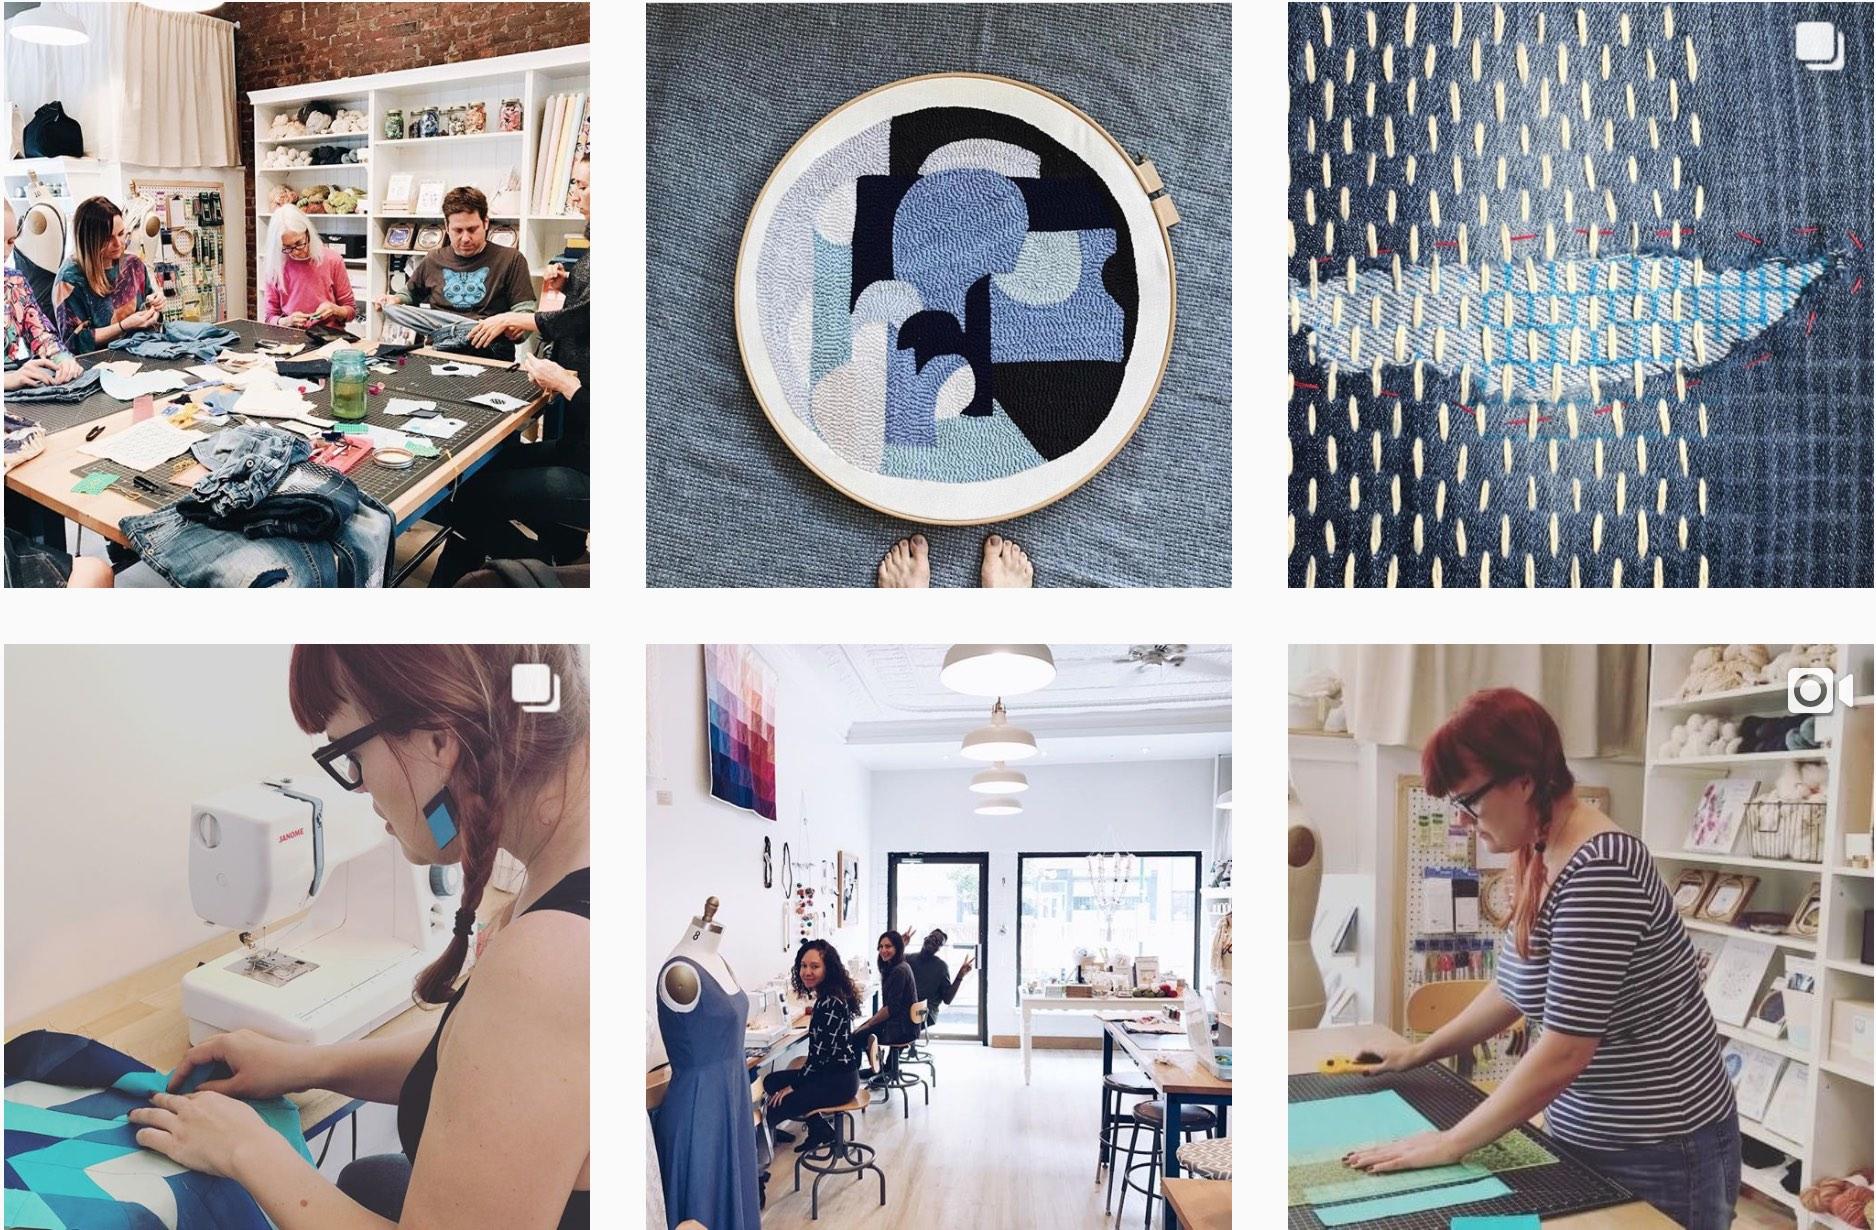 meet people in nyc during makeworkshop classes